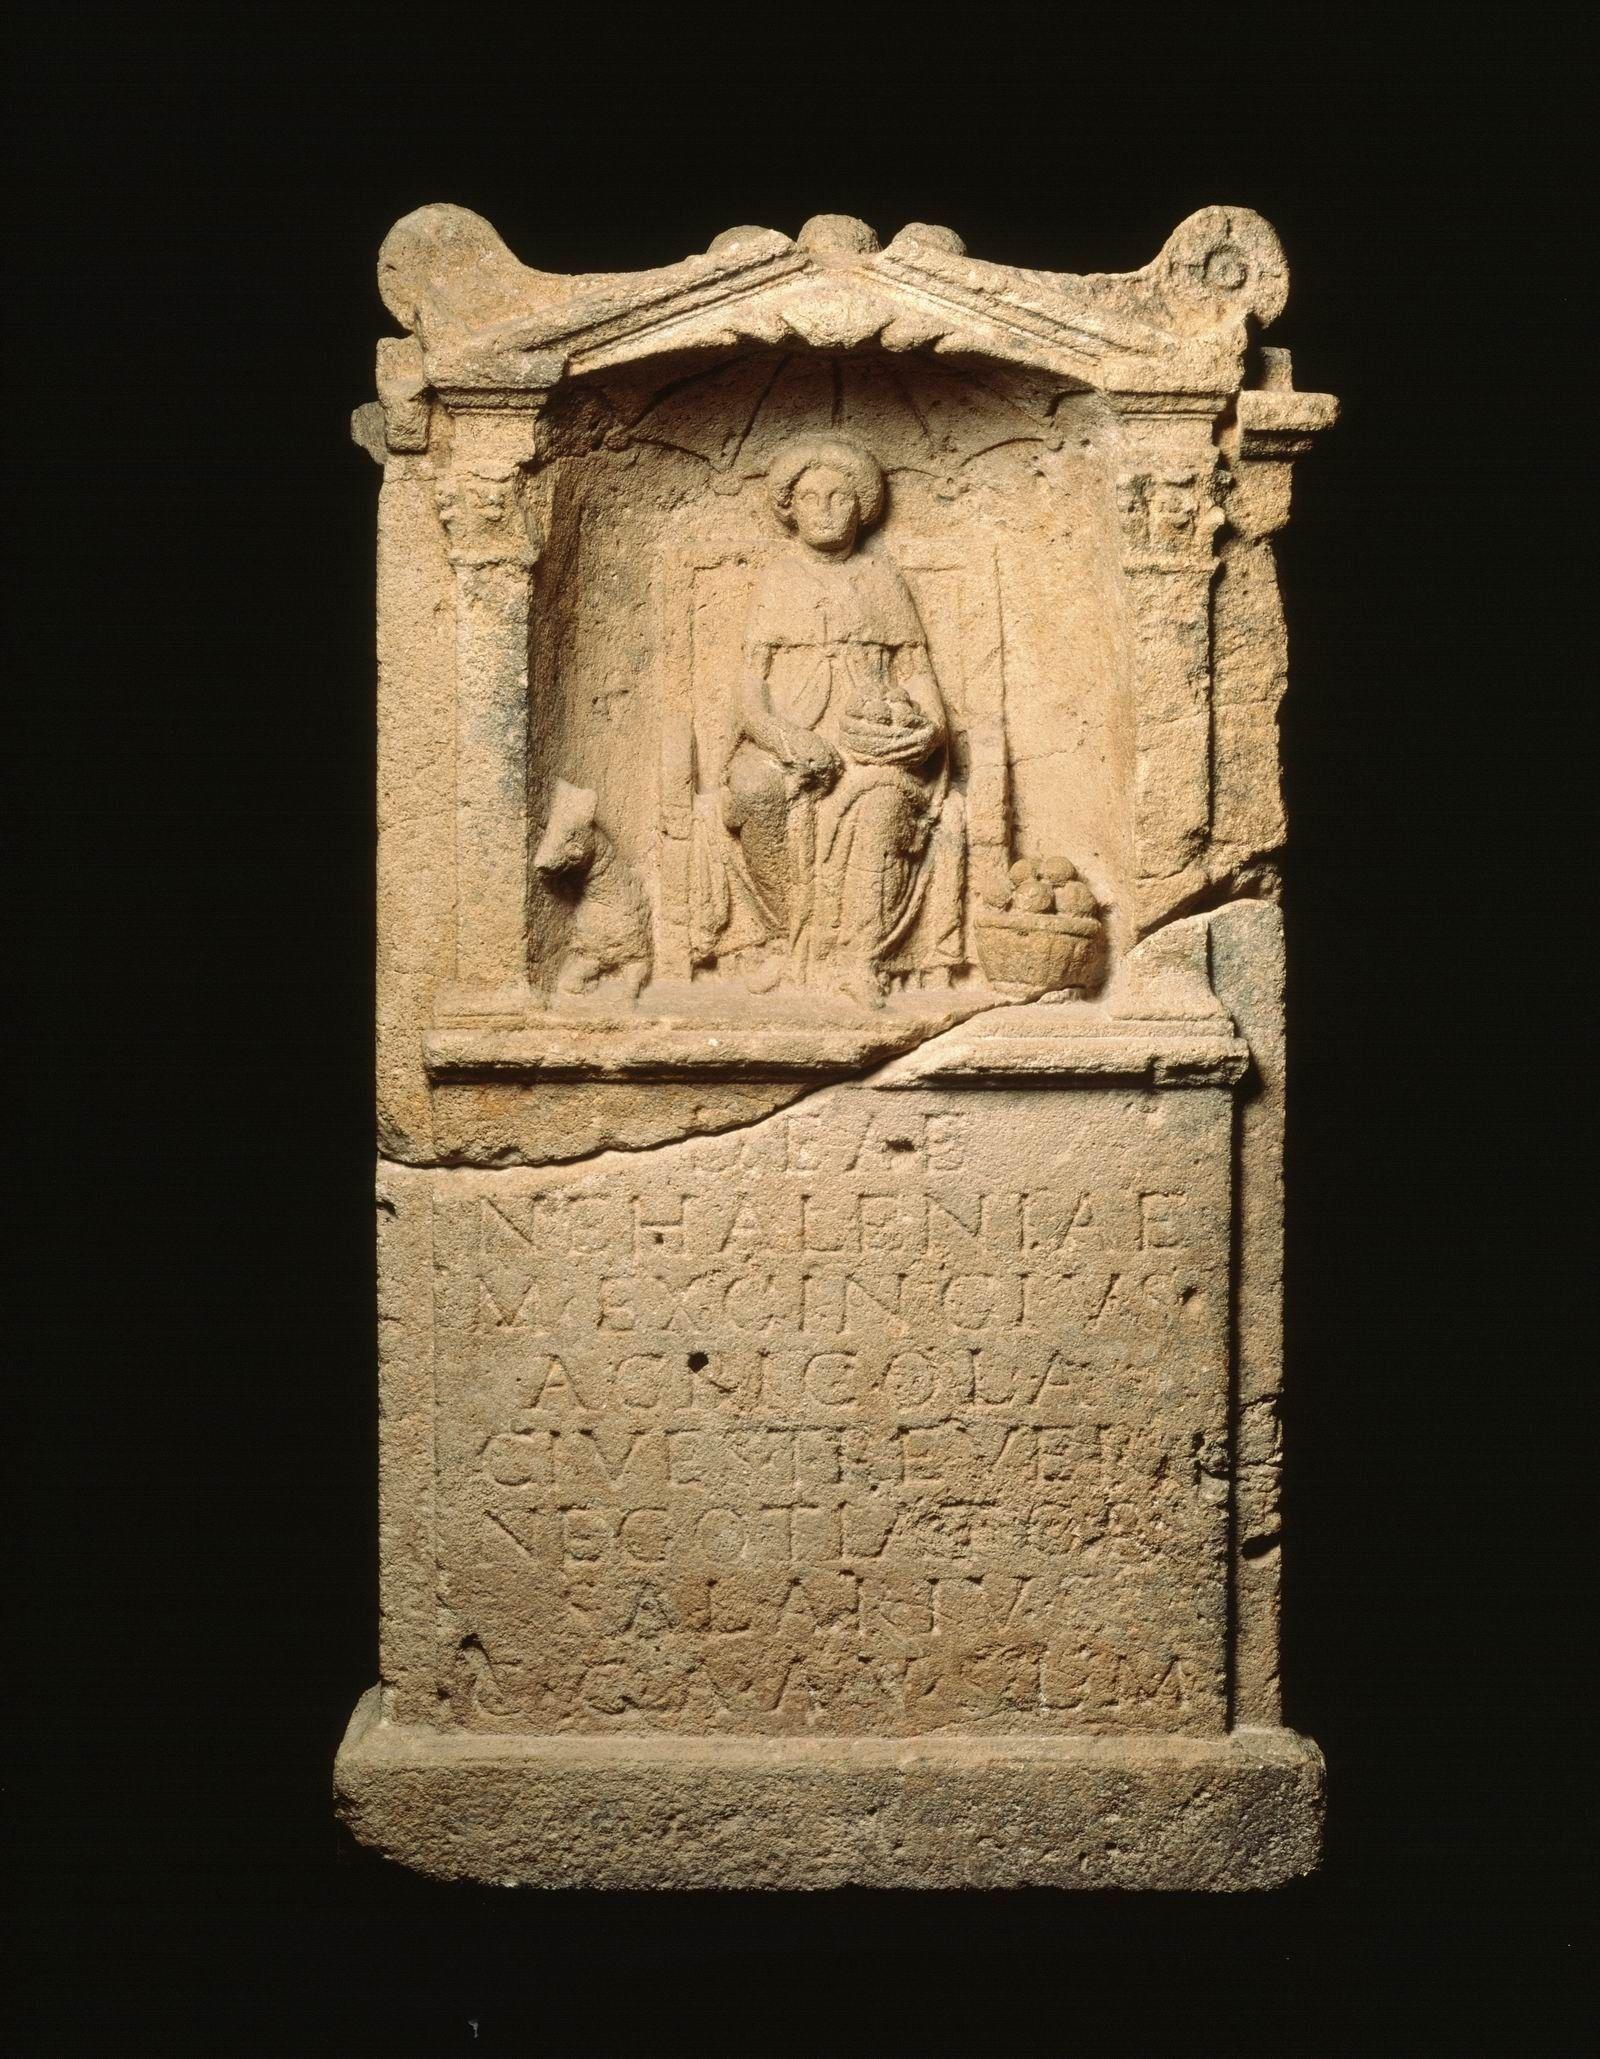 Nehalennia-altaar, blijkens de inscriptie opgericht door een zouthandelaar uit Trier. (Rijksmuseum van Oudheden, Leiden)